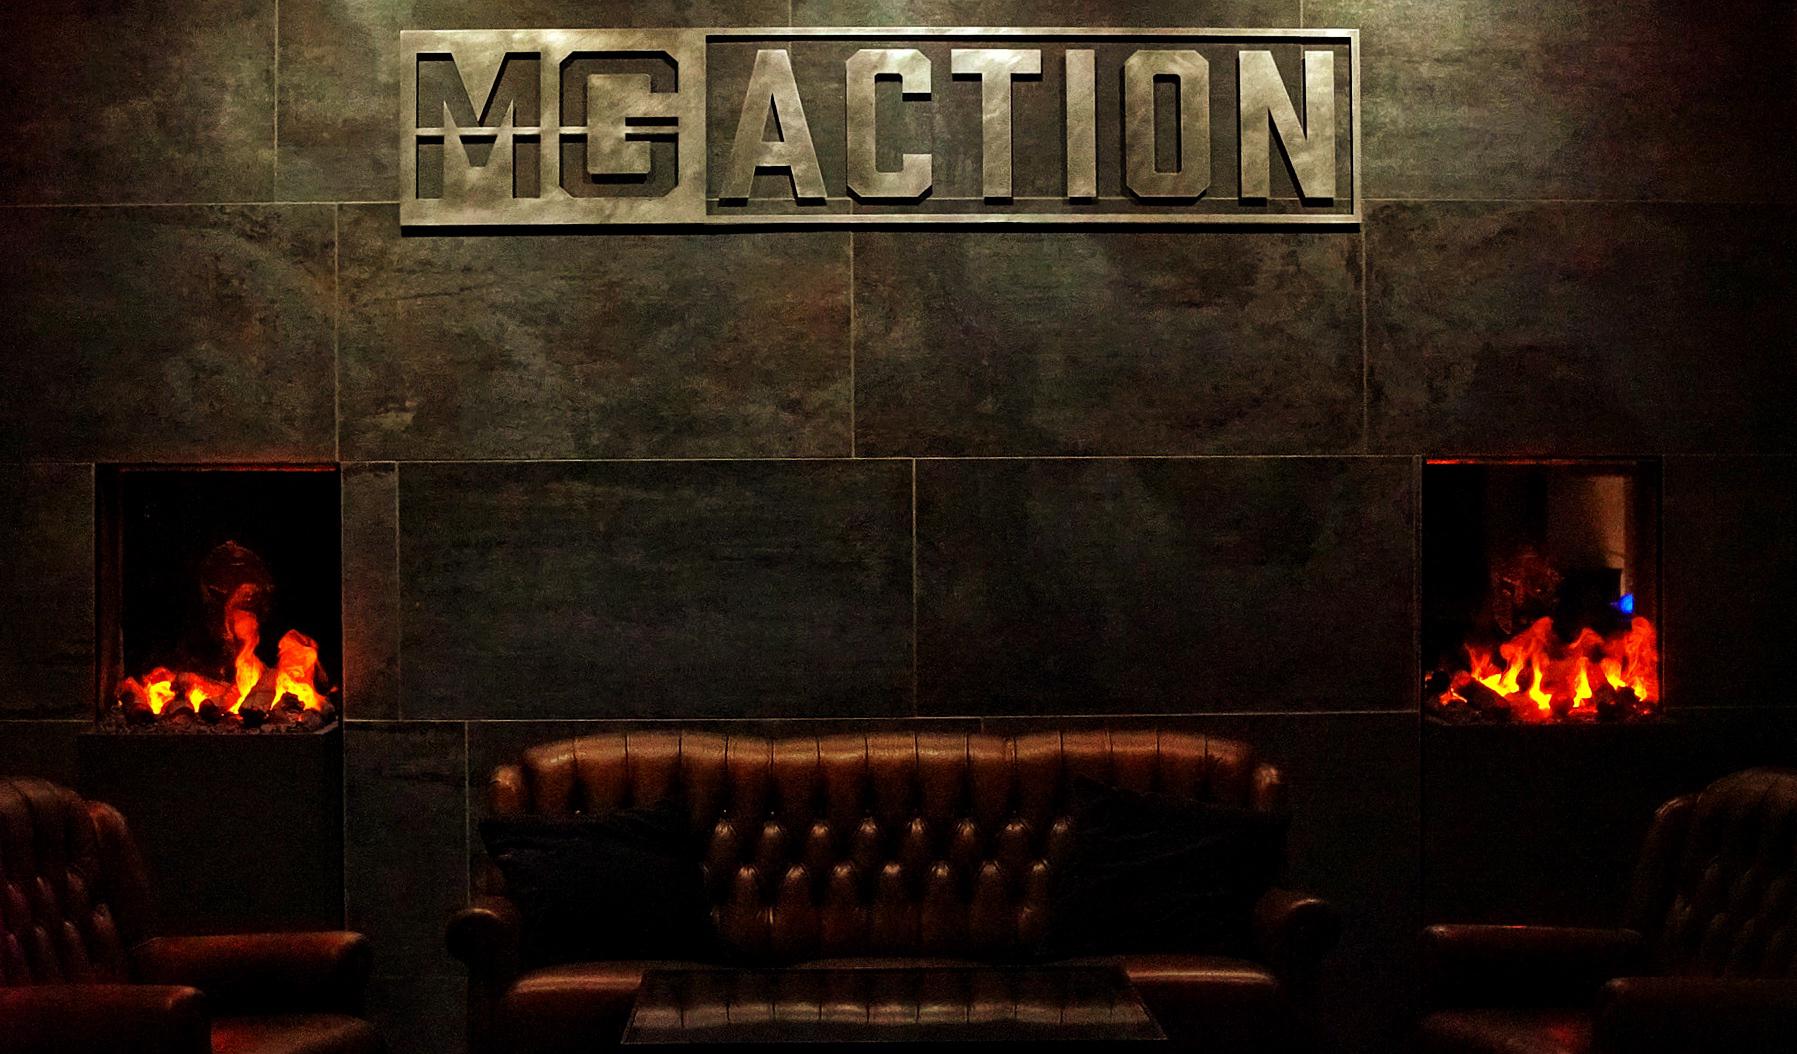 MG ACTION Lounge, Empfang, MG ACTION, Stuntfirma Deutschland, Spezialeffekte deutschland